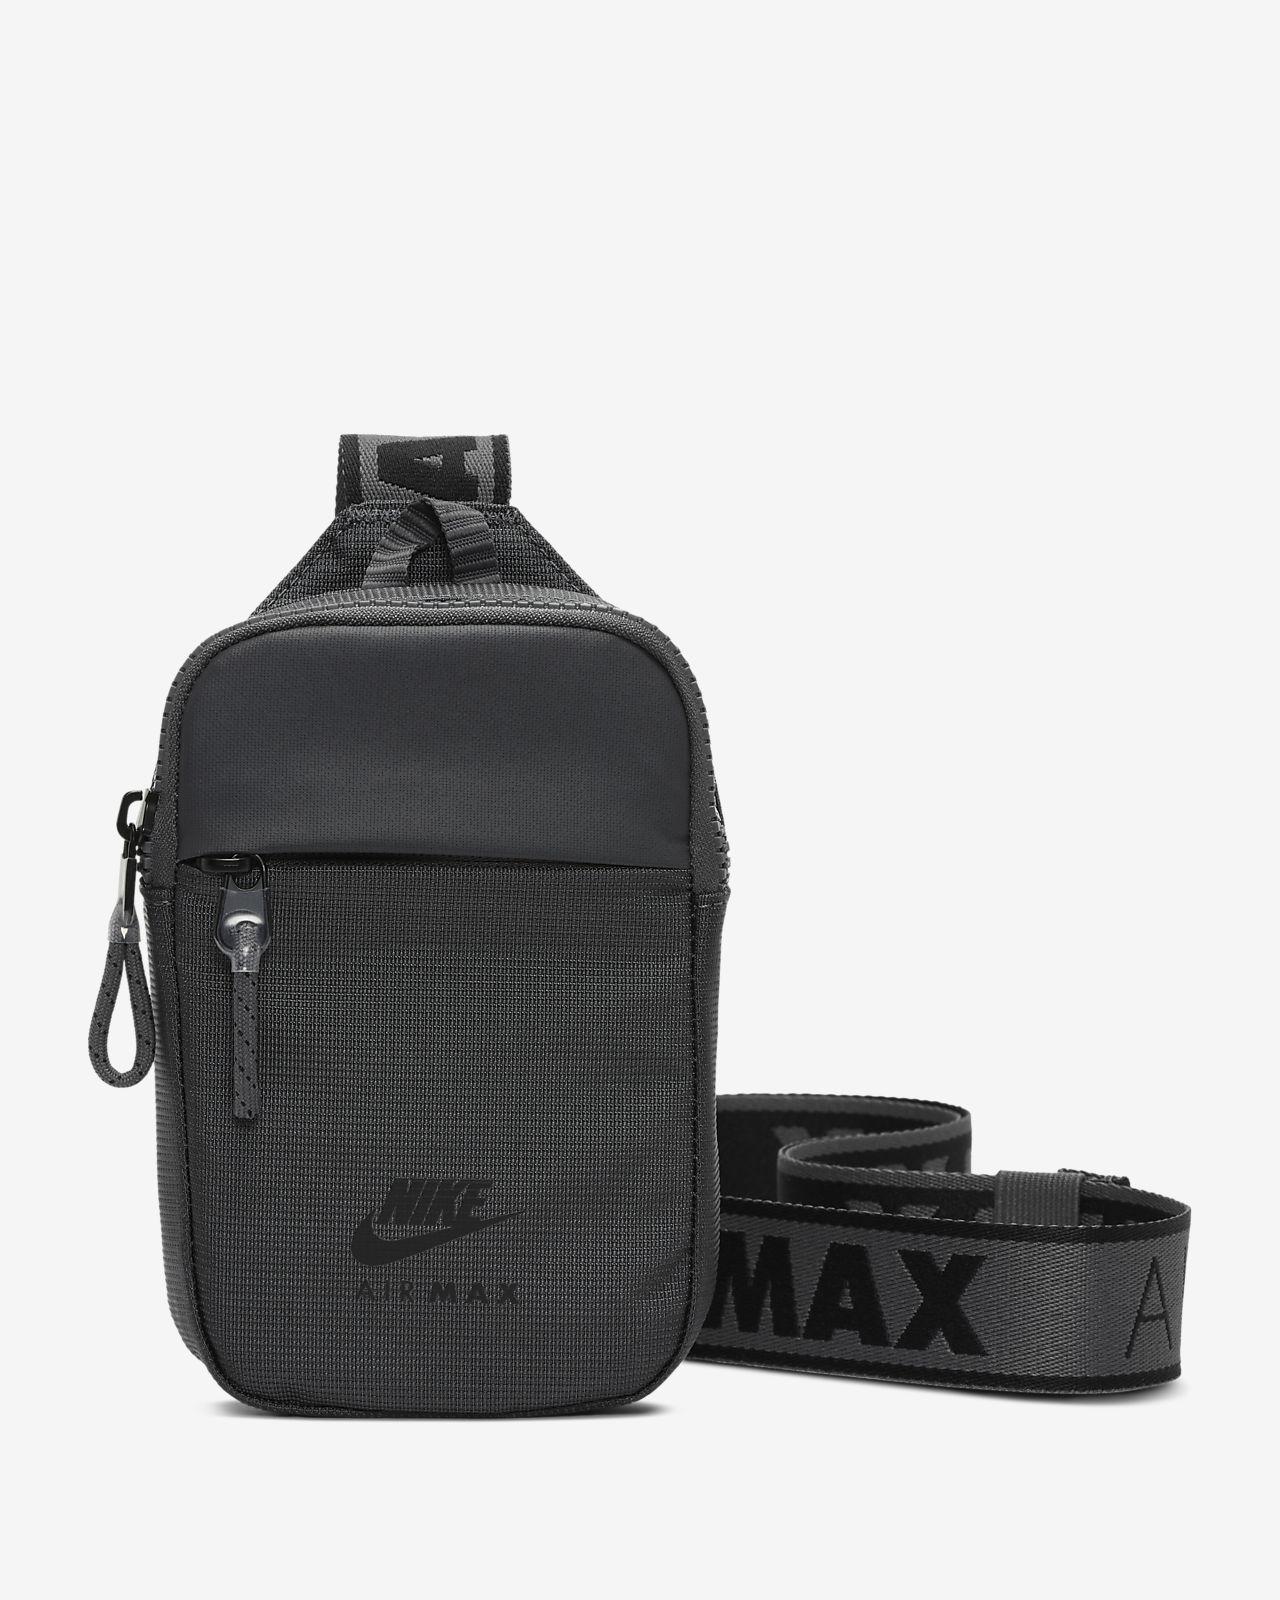 Nike Air Essentials Tasche für kleine Gegenstände